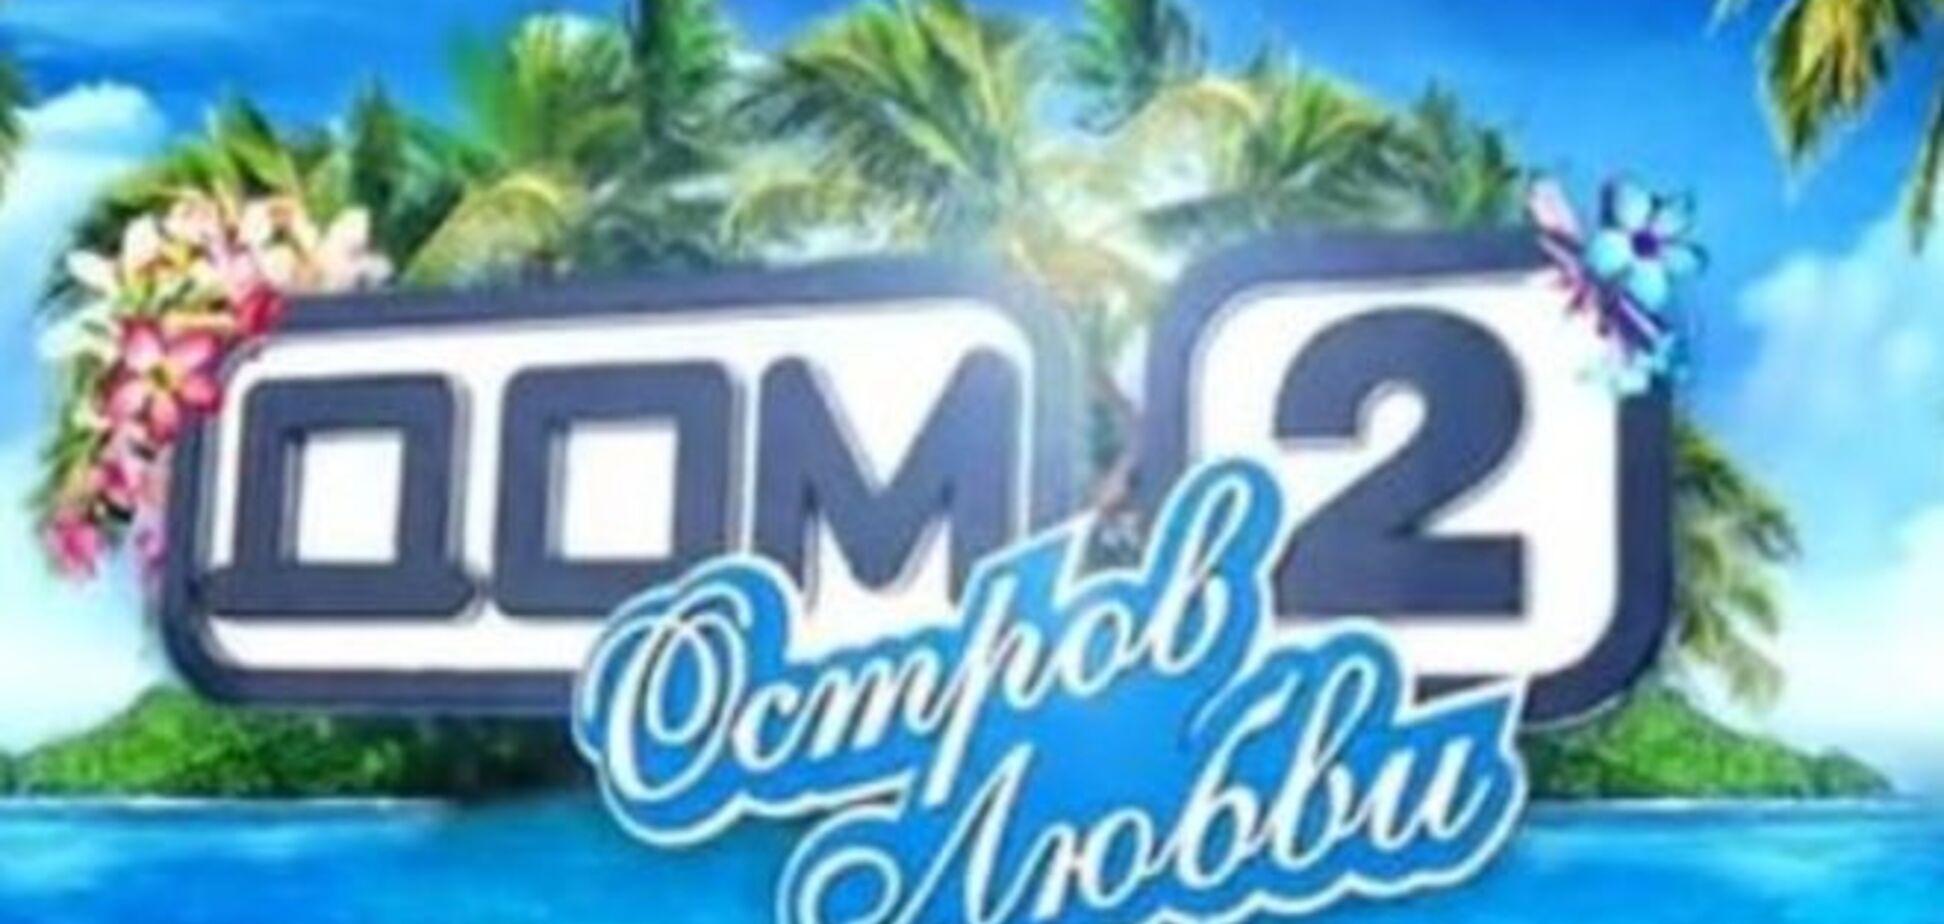 Канал ТНТ готовится запустить 'Дом-3' - СМИ